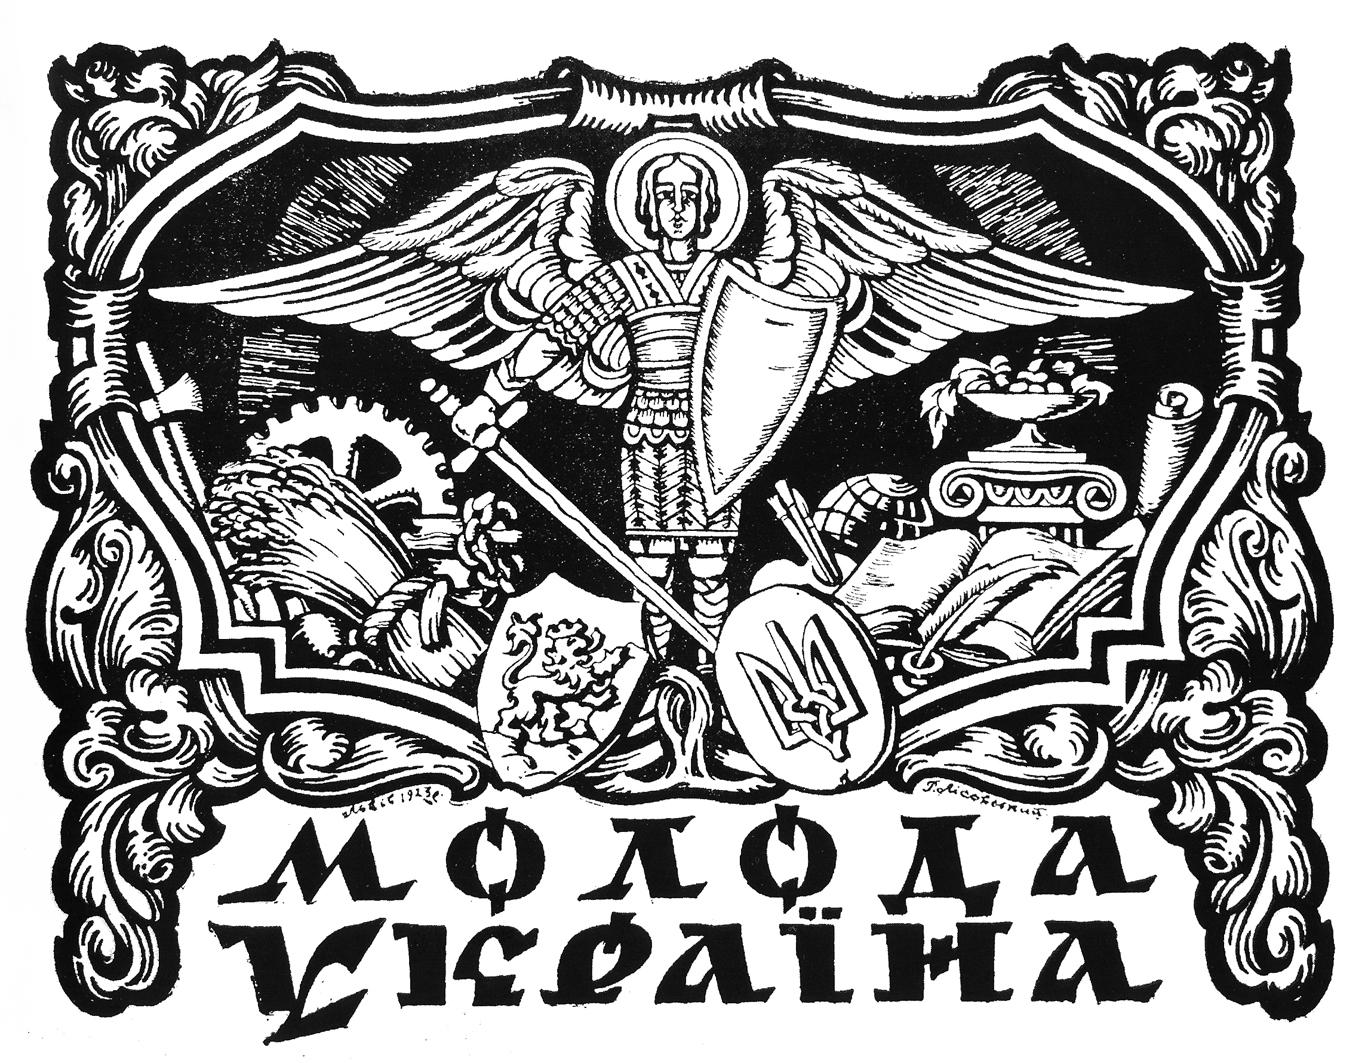 Роберт Лісовський. Обкладинка журналу Львів, 1923